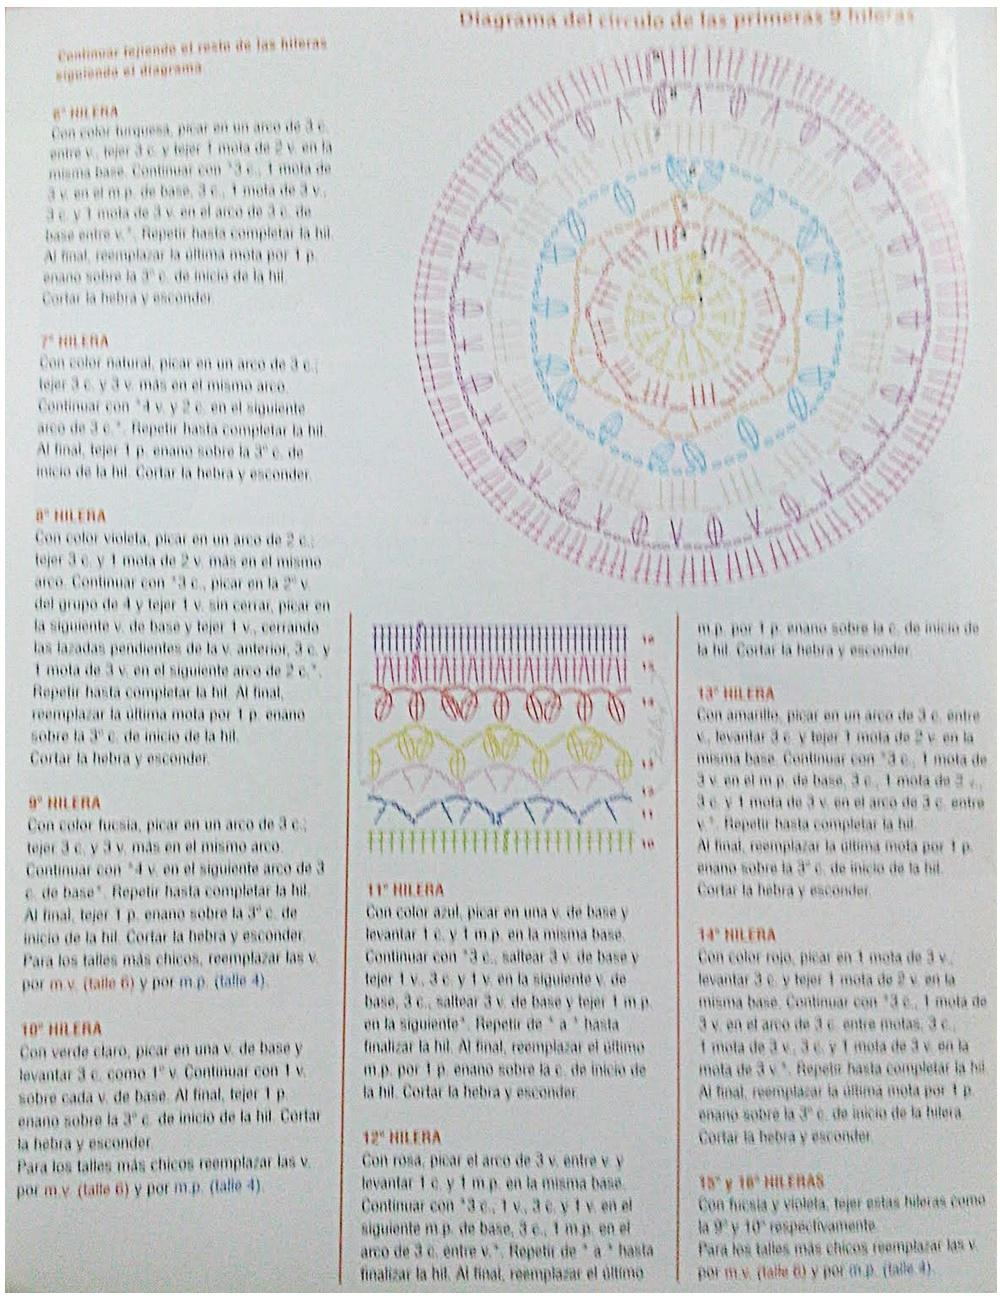 chaleco circular, chaleco colores, circulo, patrones crochet